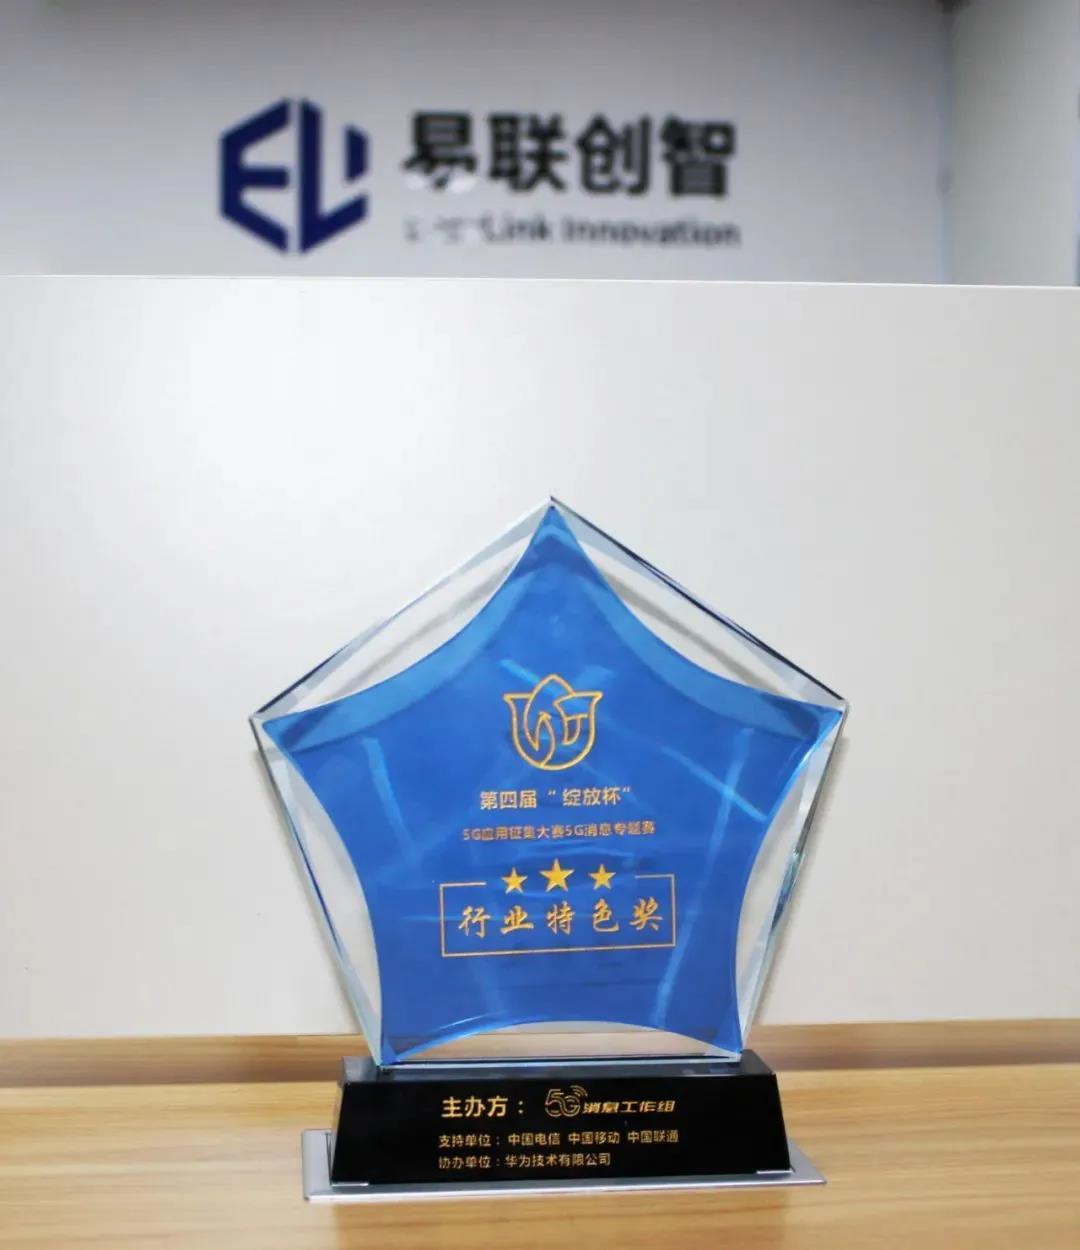 易联创智荣获第四届绽放杯行业特色专项奖